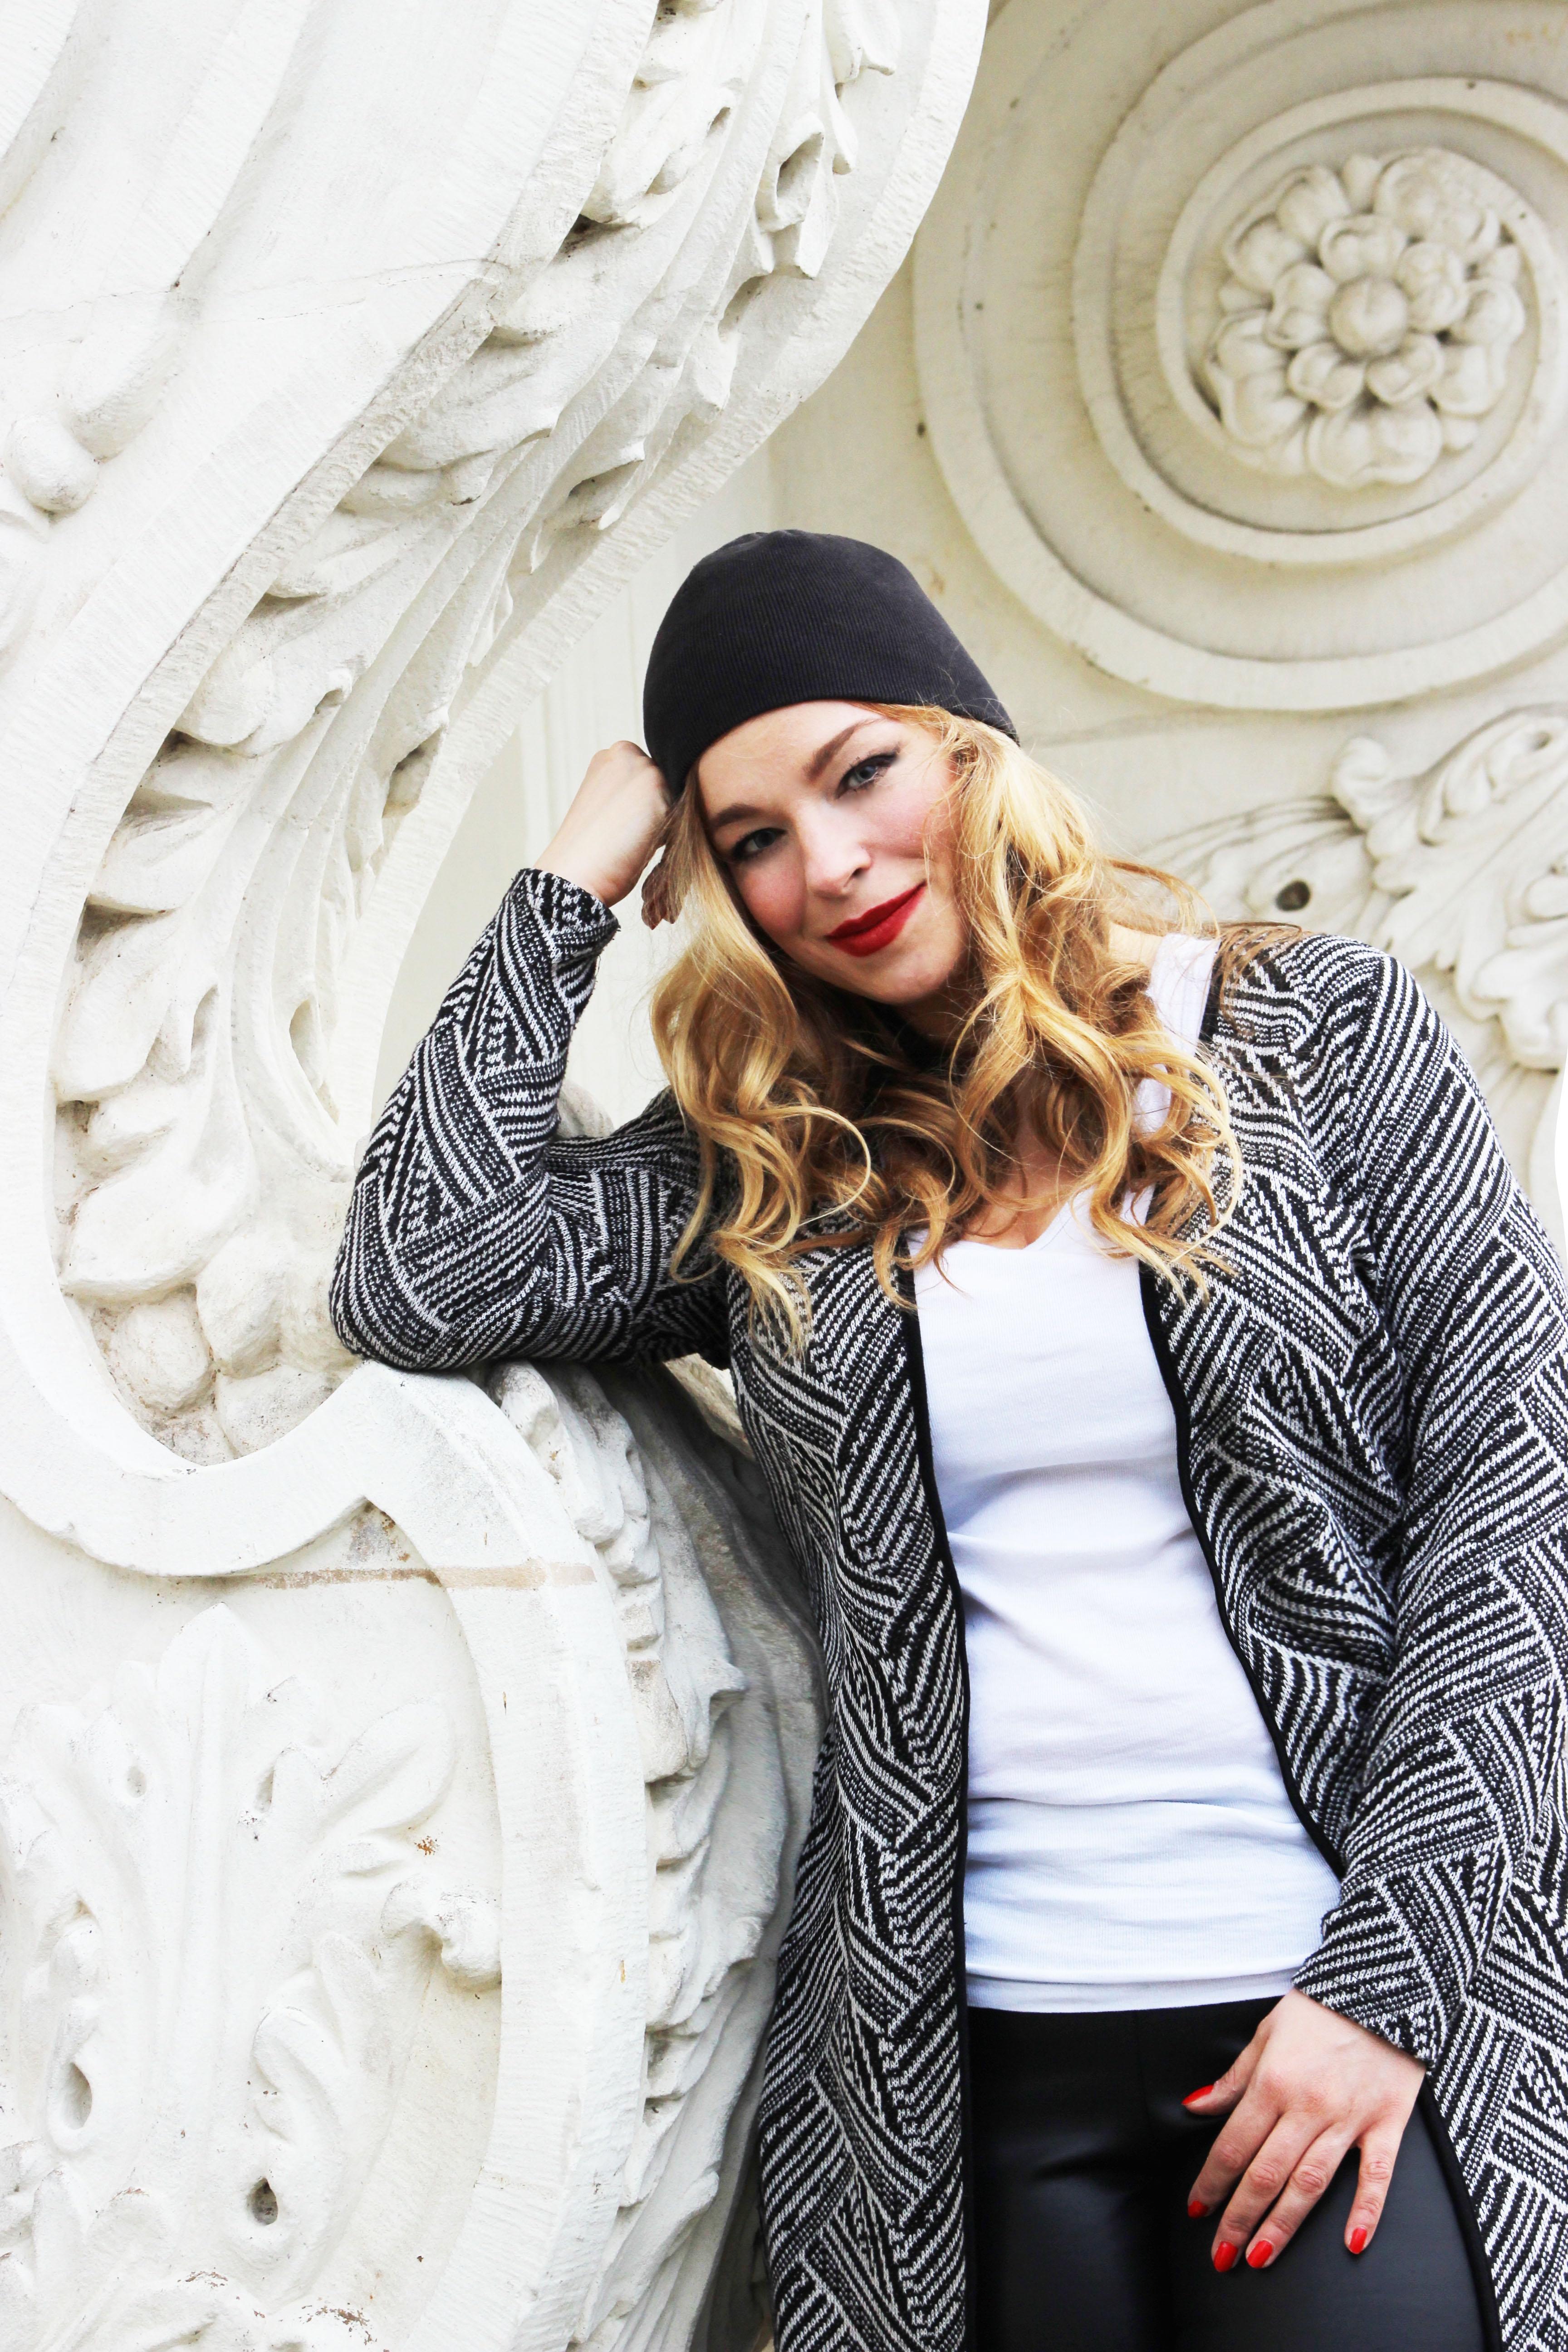 caterina-pogorzelski-Blog-Berlin-Mode-megabambi-plussize-curvy